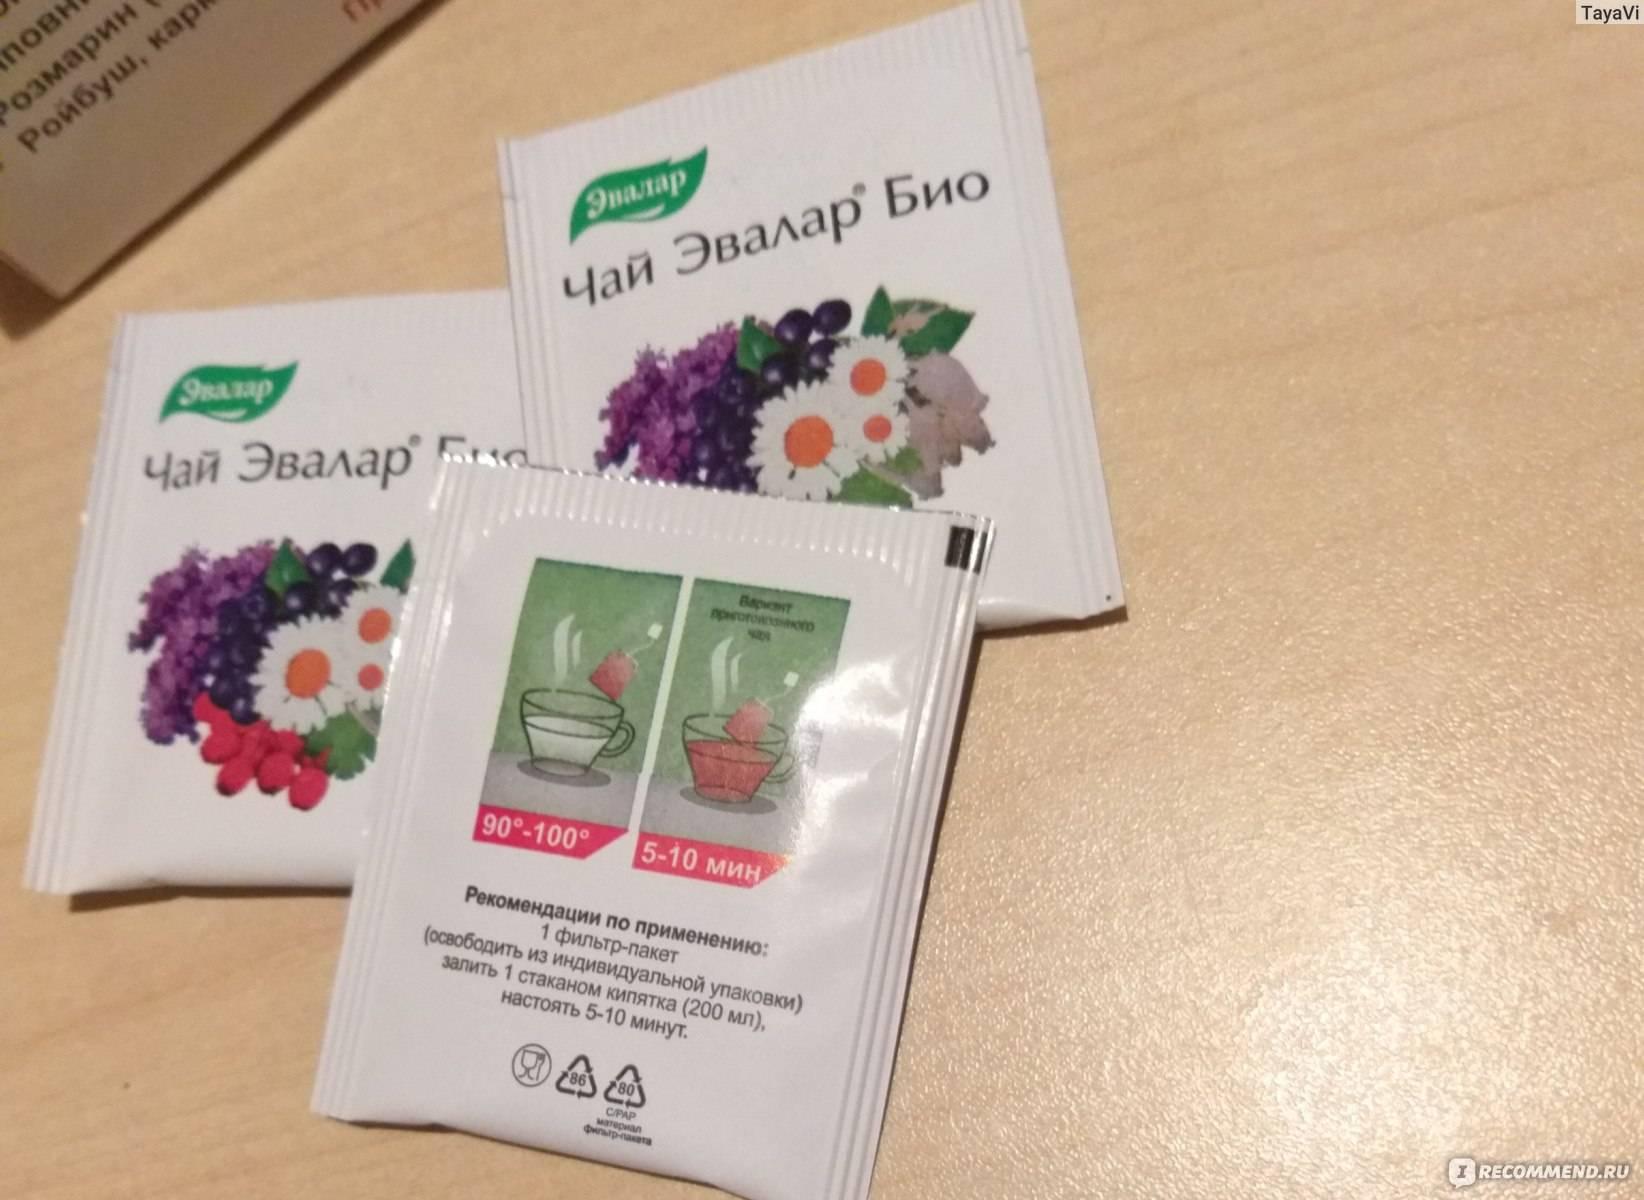 Чай эвалар био успокаивающий вечерний можно детям